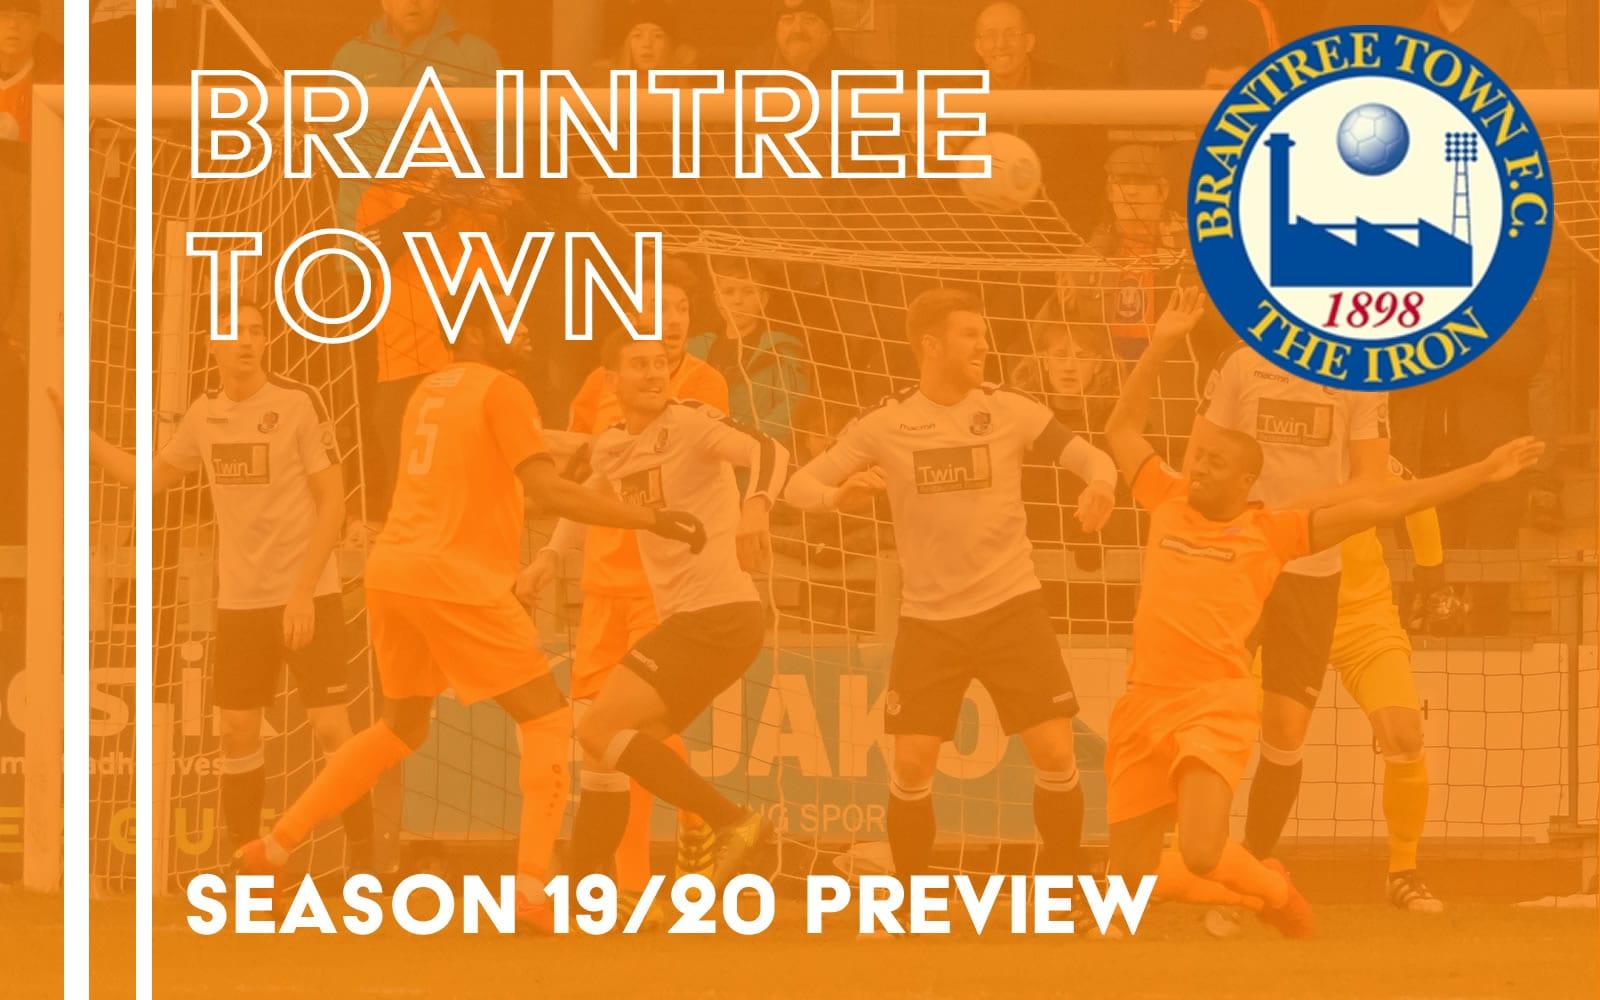 Season Preview – Braintree Town